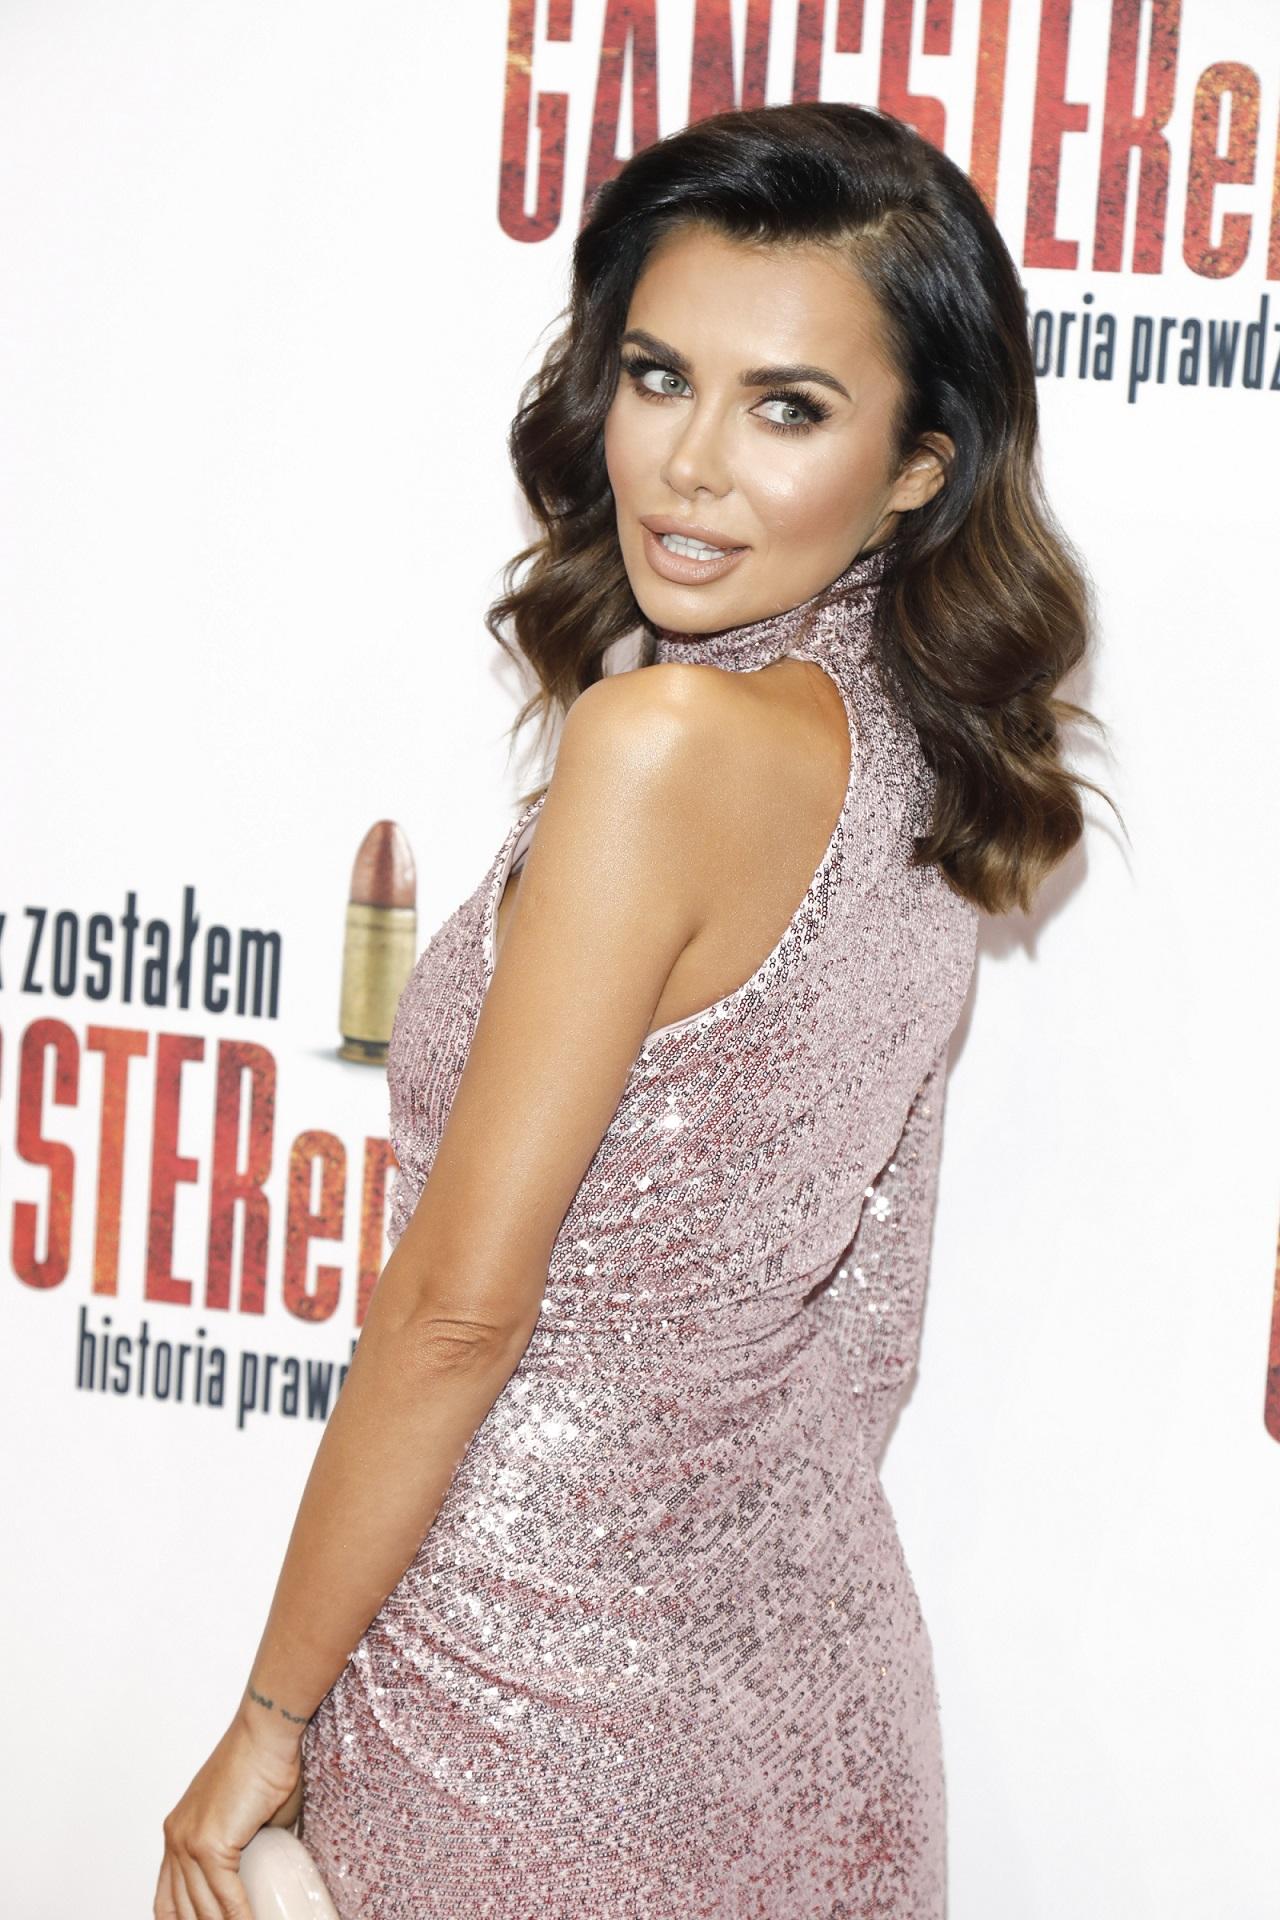 Natalia Siwiec w błyszczącej sukni pozuje na ściance.